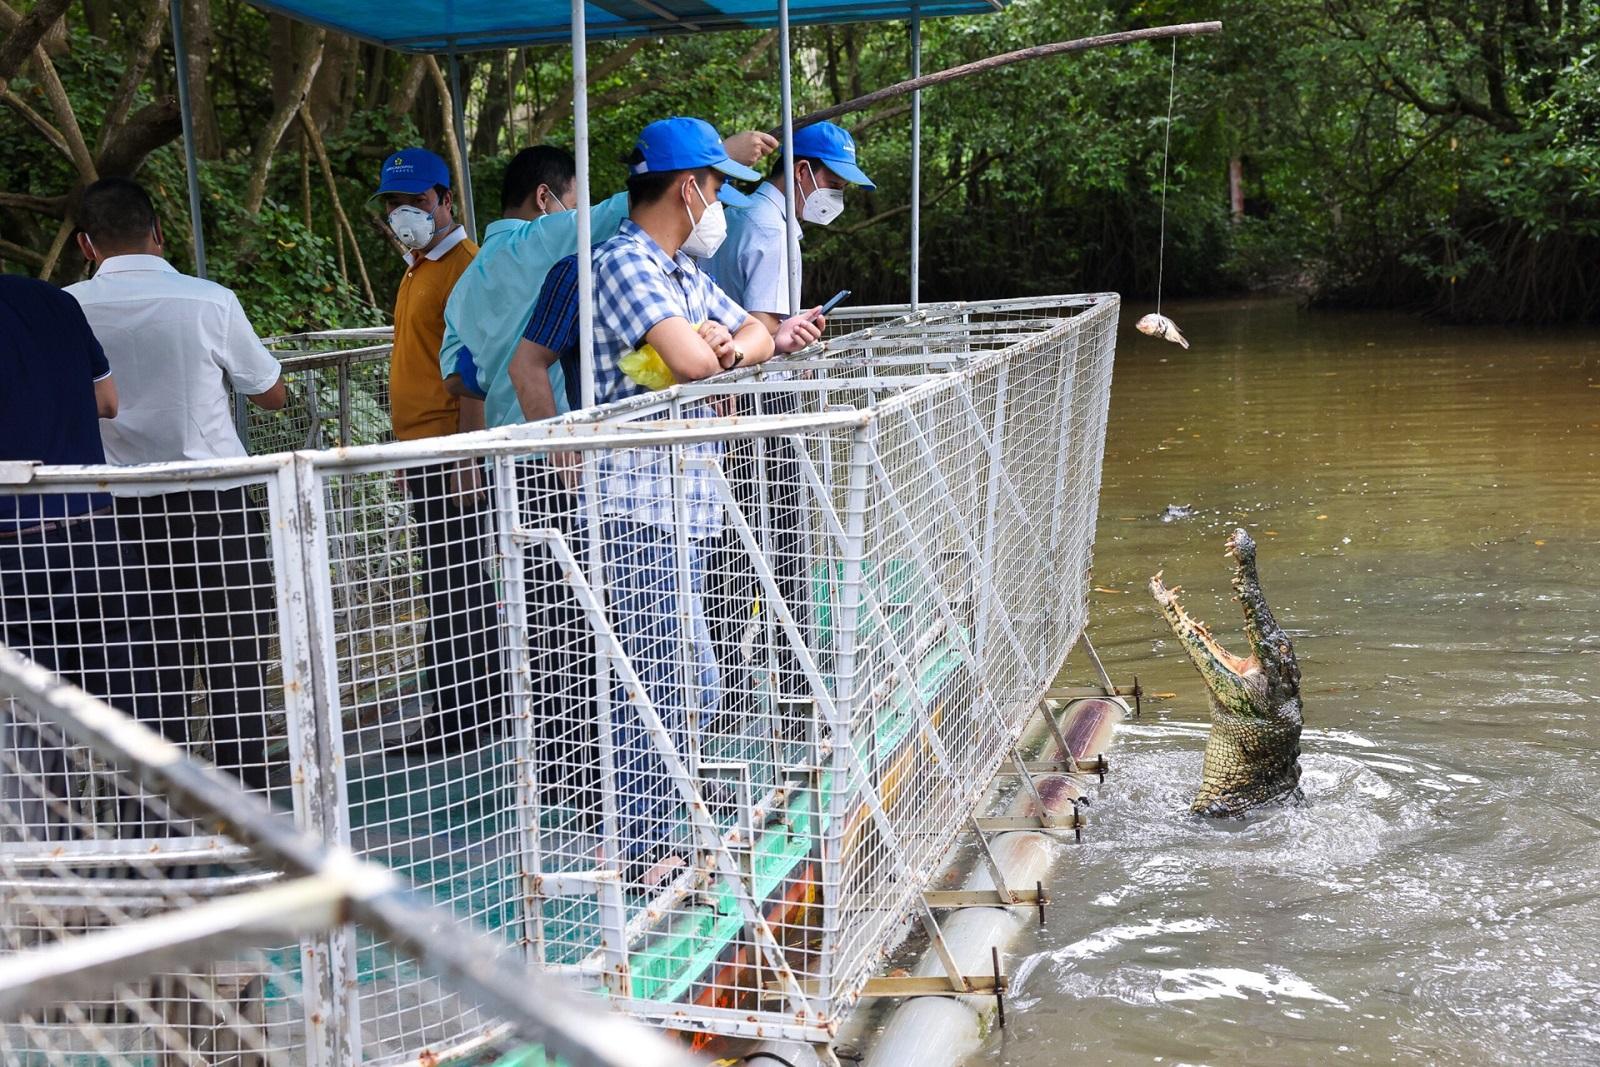 Đoàn khách du lịch câu cá sấu tại khu du lịch sinh thái Vàm Sát vào ngày 19/9. Ảnh: TCDL